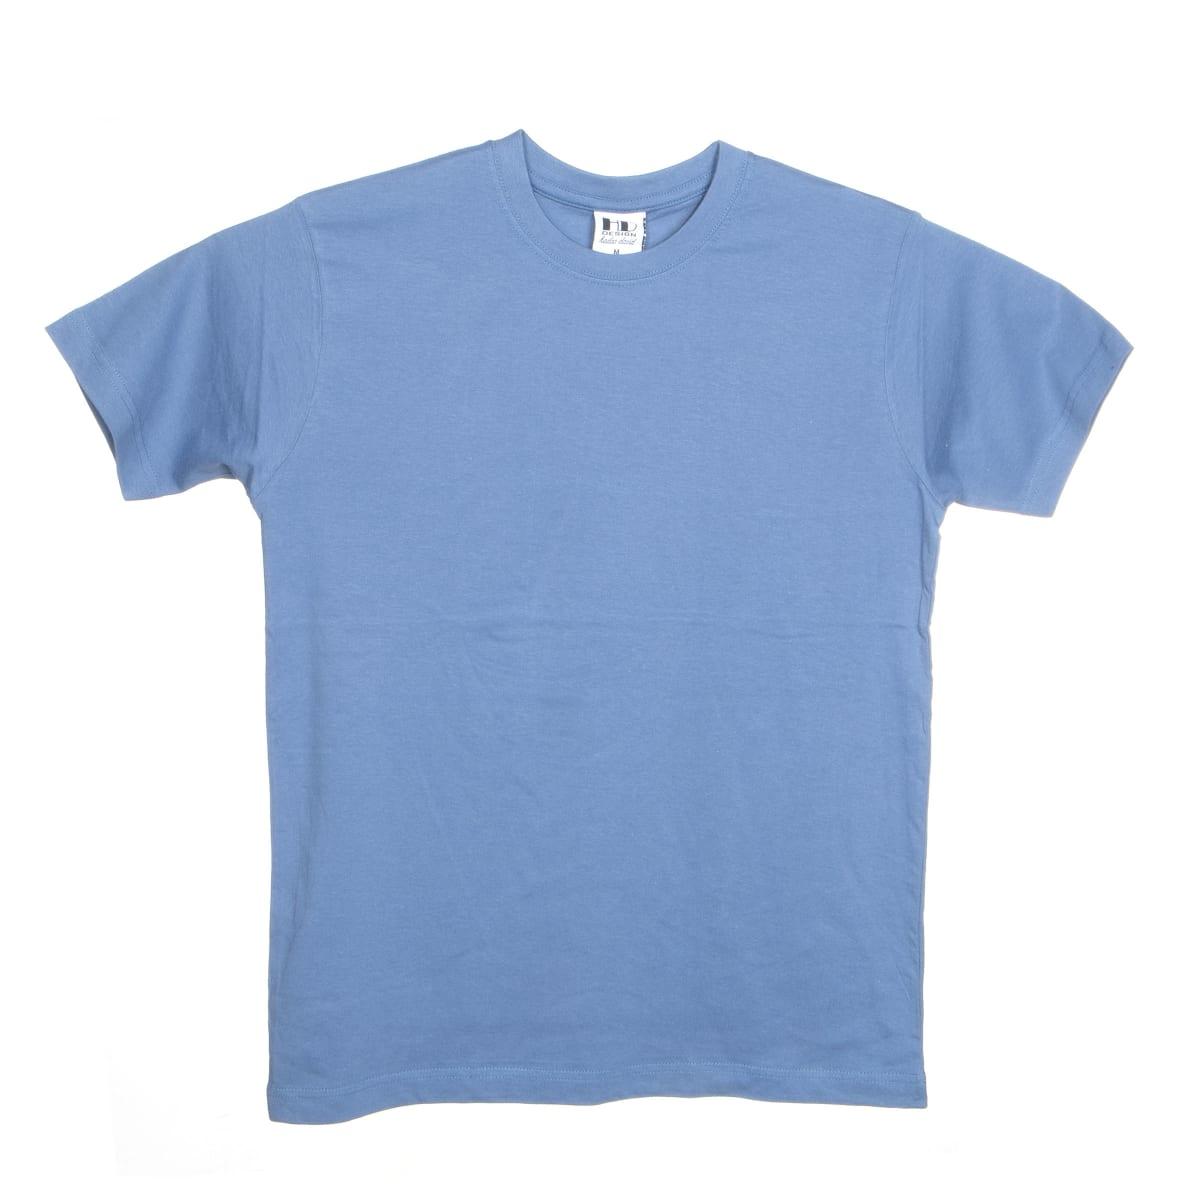 הדפסה על חולצה   חולצת כותנה   חולצות כותנה   חולצת כותנה בצבע ג׳ינס